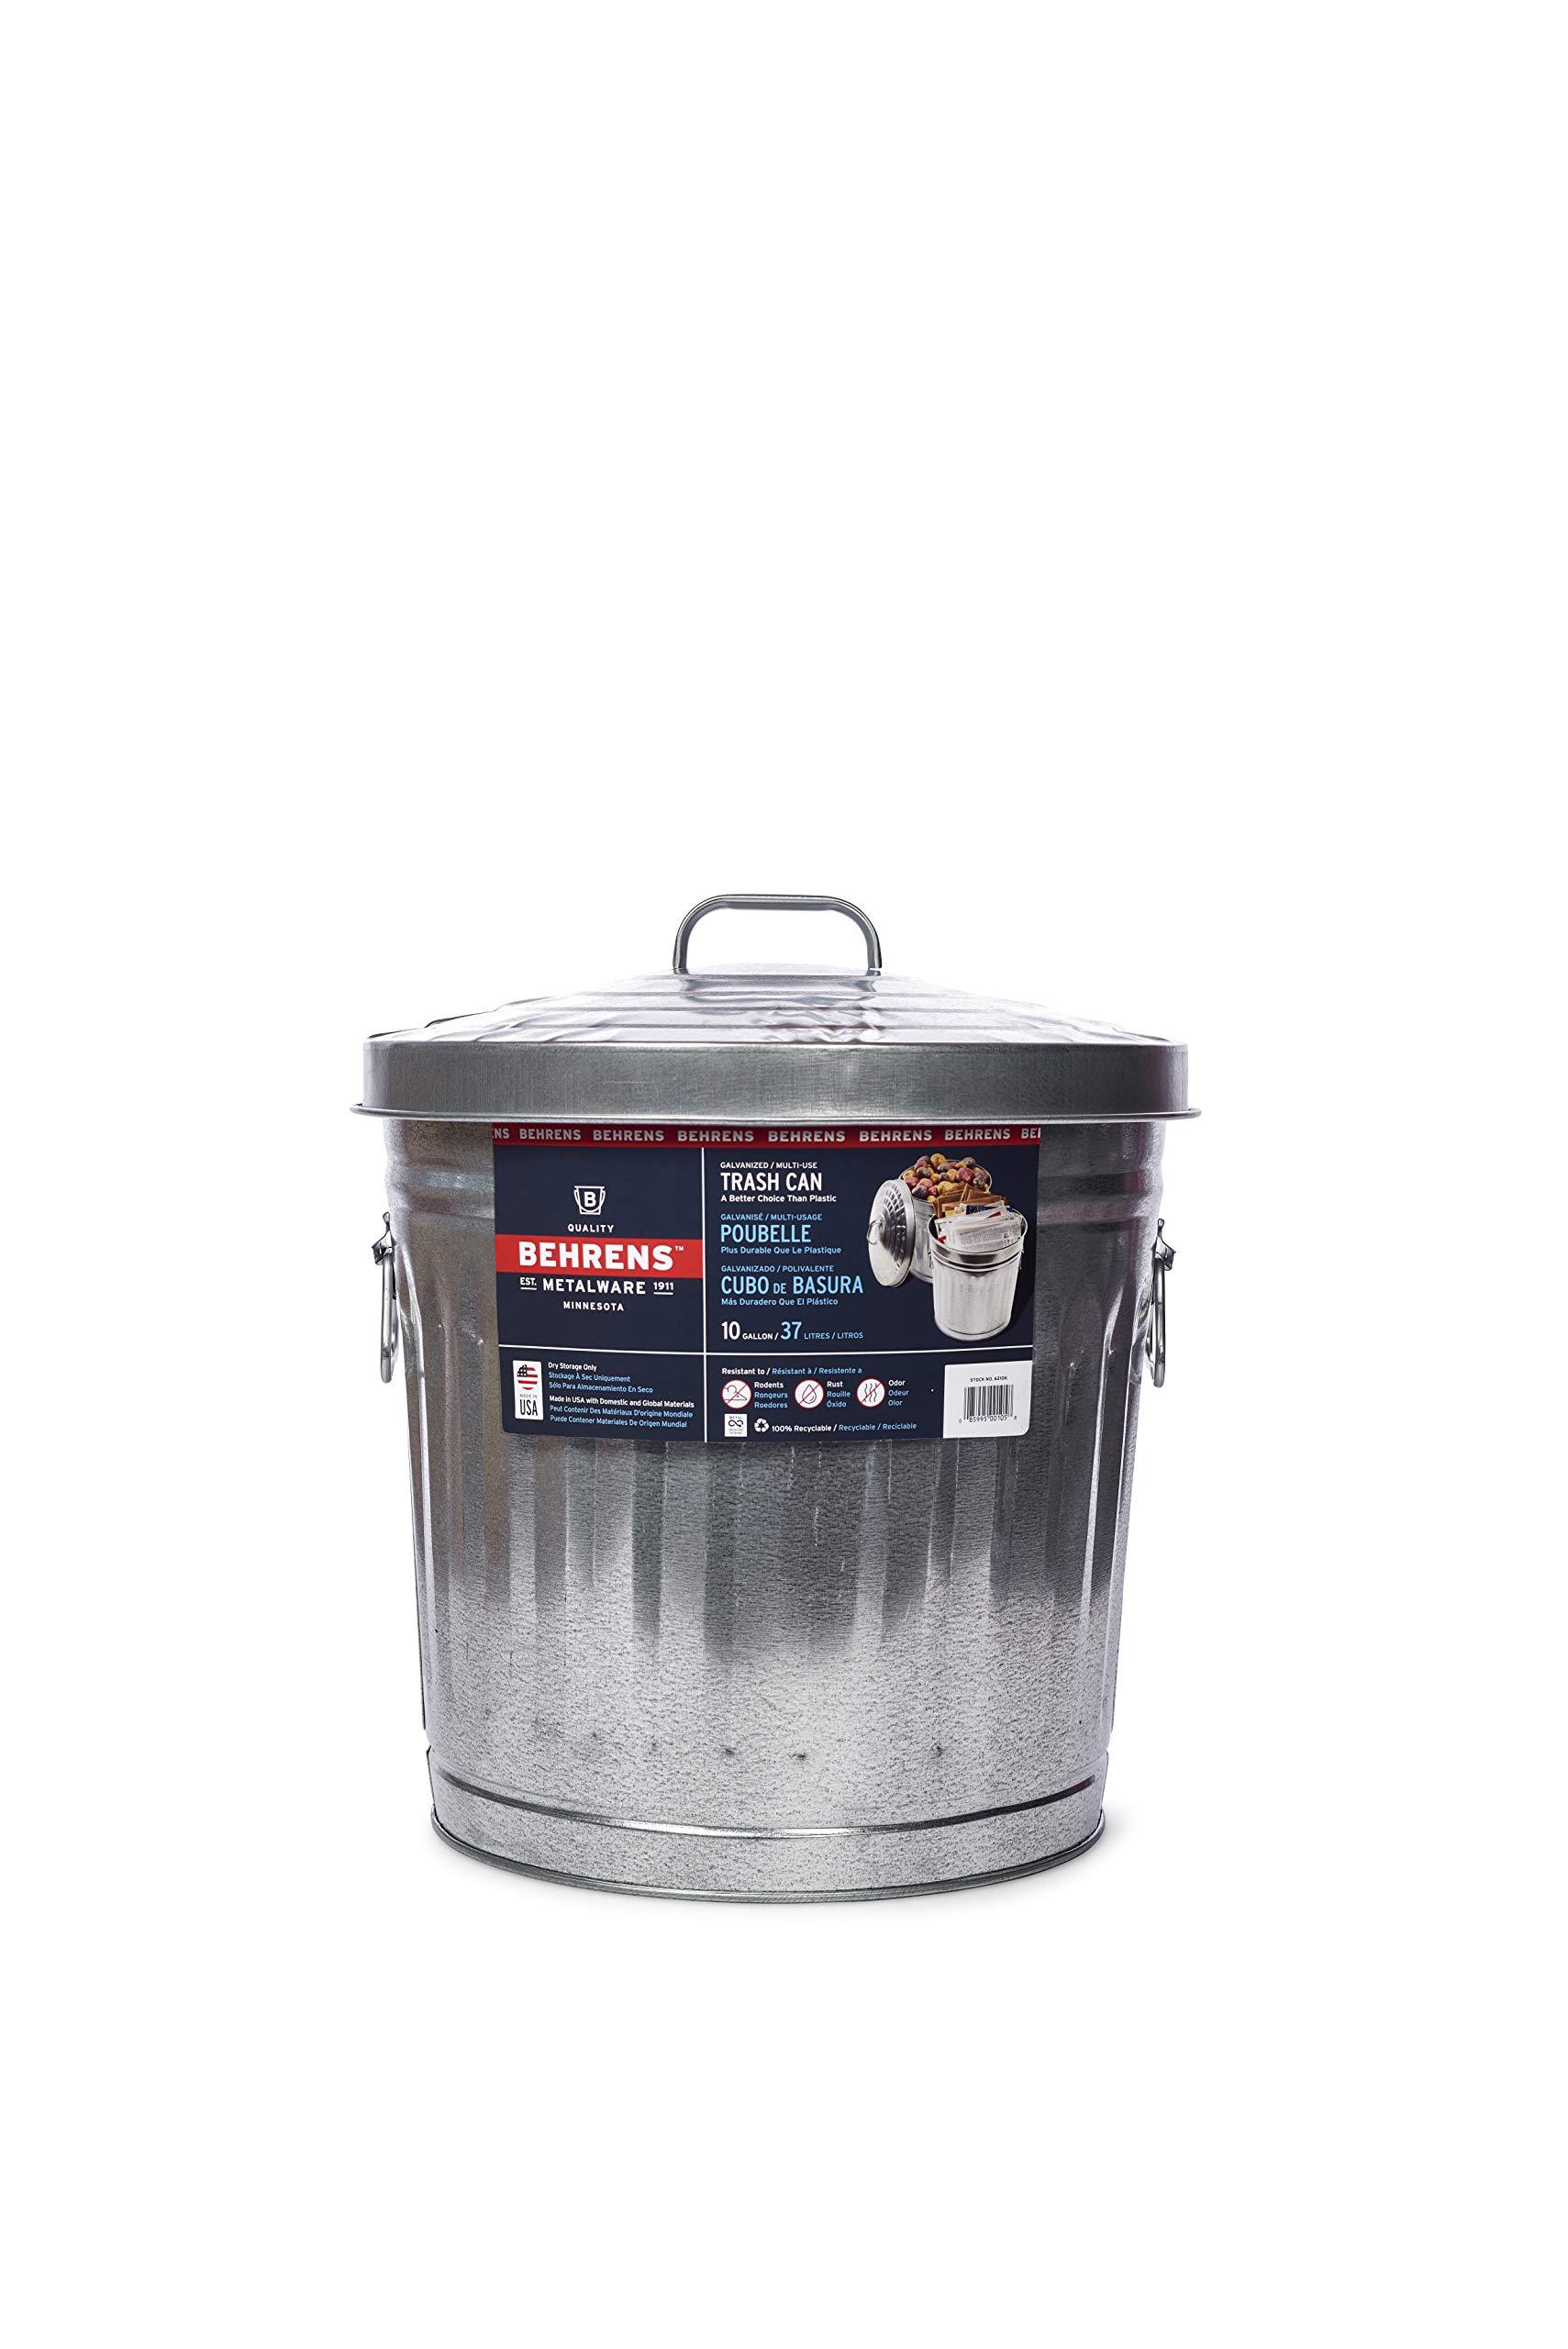 Behrens Manufacturing 6210 Galvanized Steel Trash Can, 10-Gallon by Behrens Manufacturing